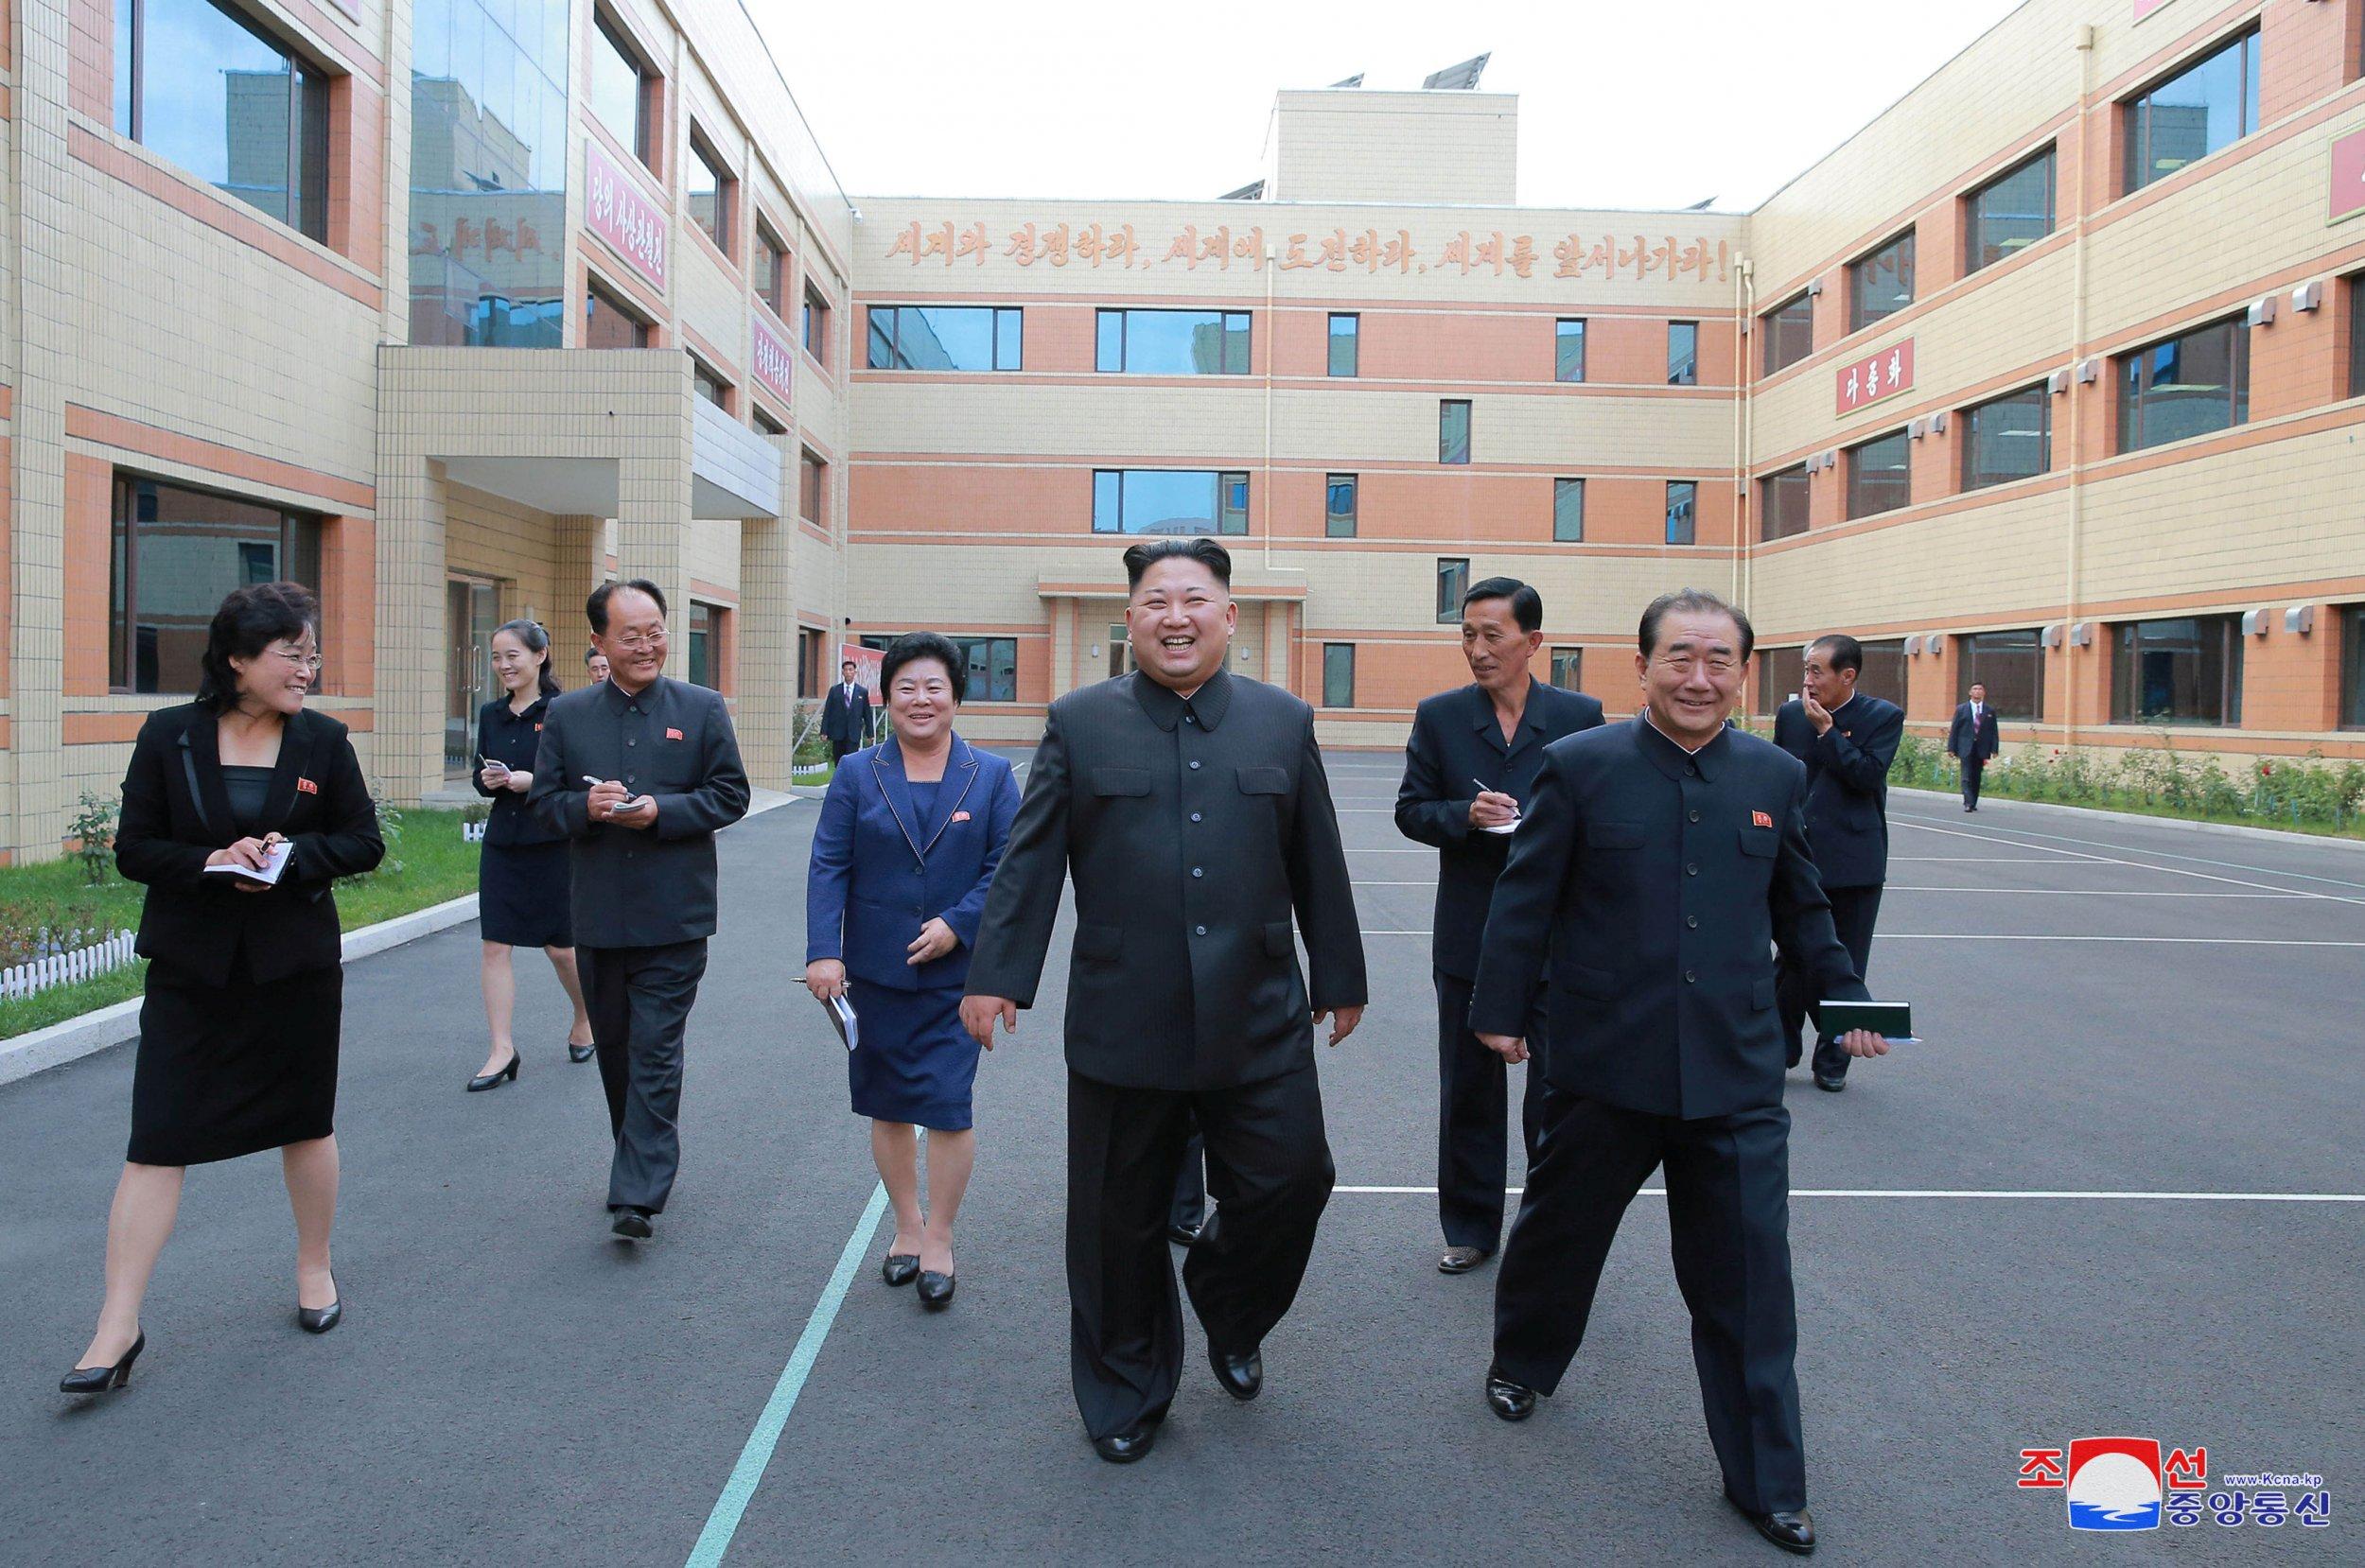 10_25_Kim_Jong_Un